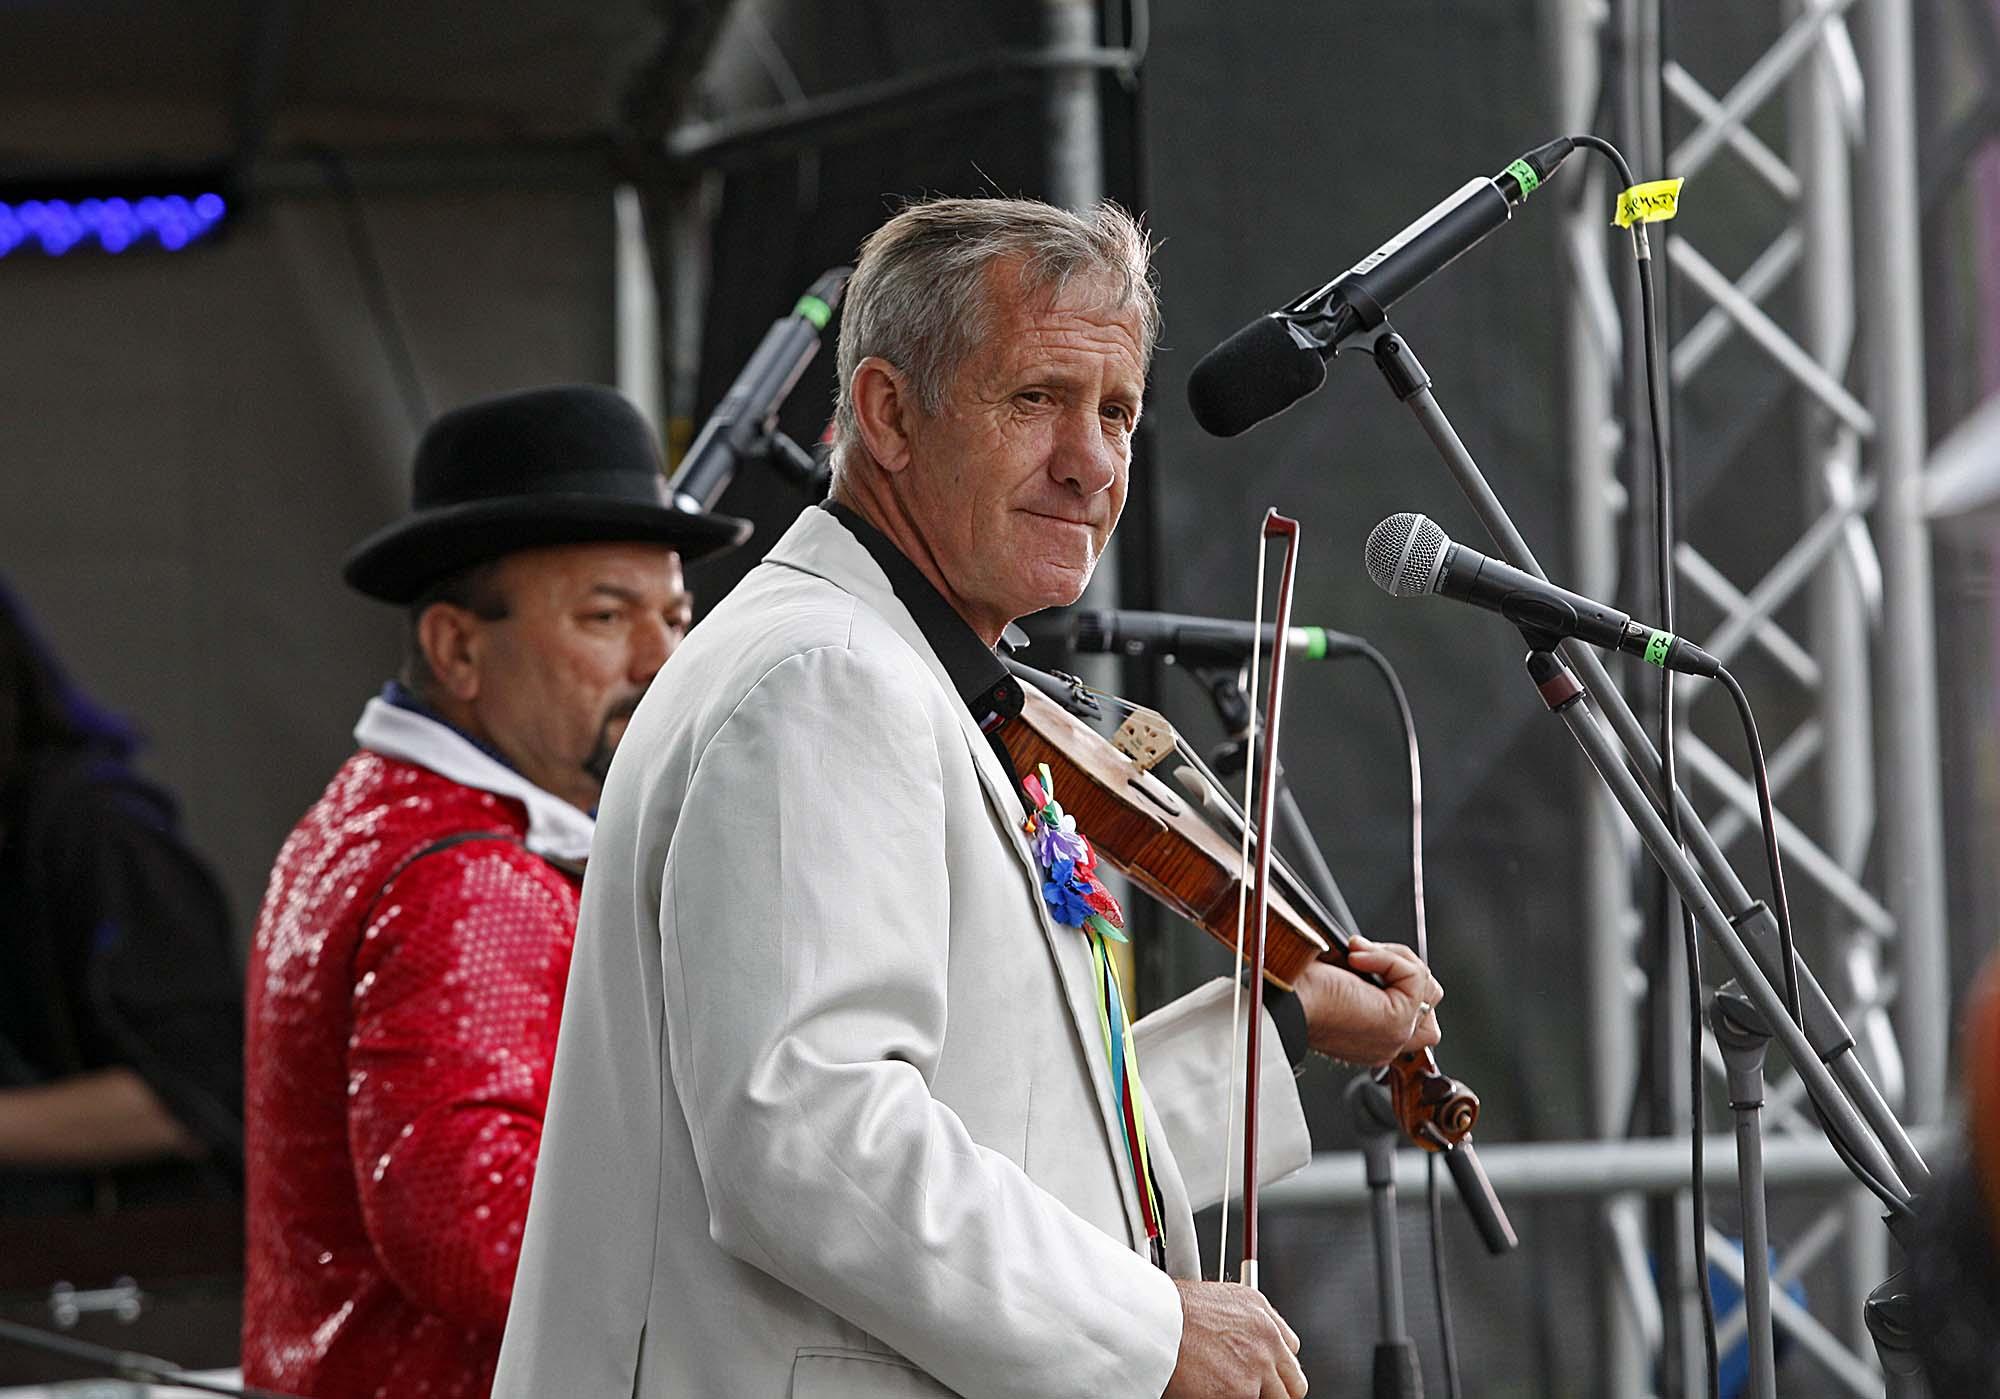 Hudaky Village Band. Традиційний весільний ансамбль із Закарпаття